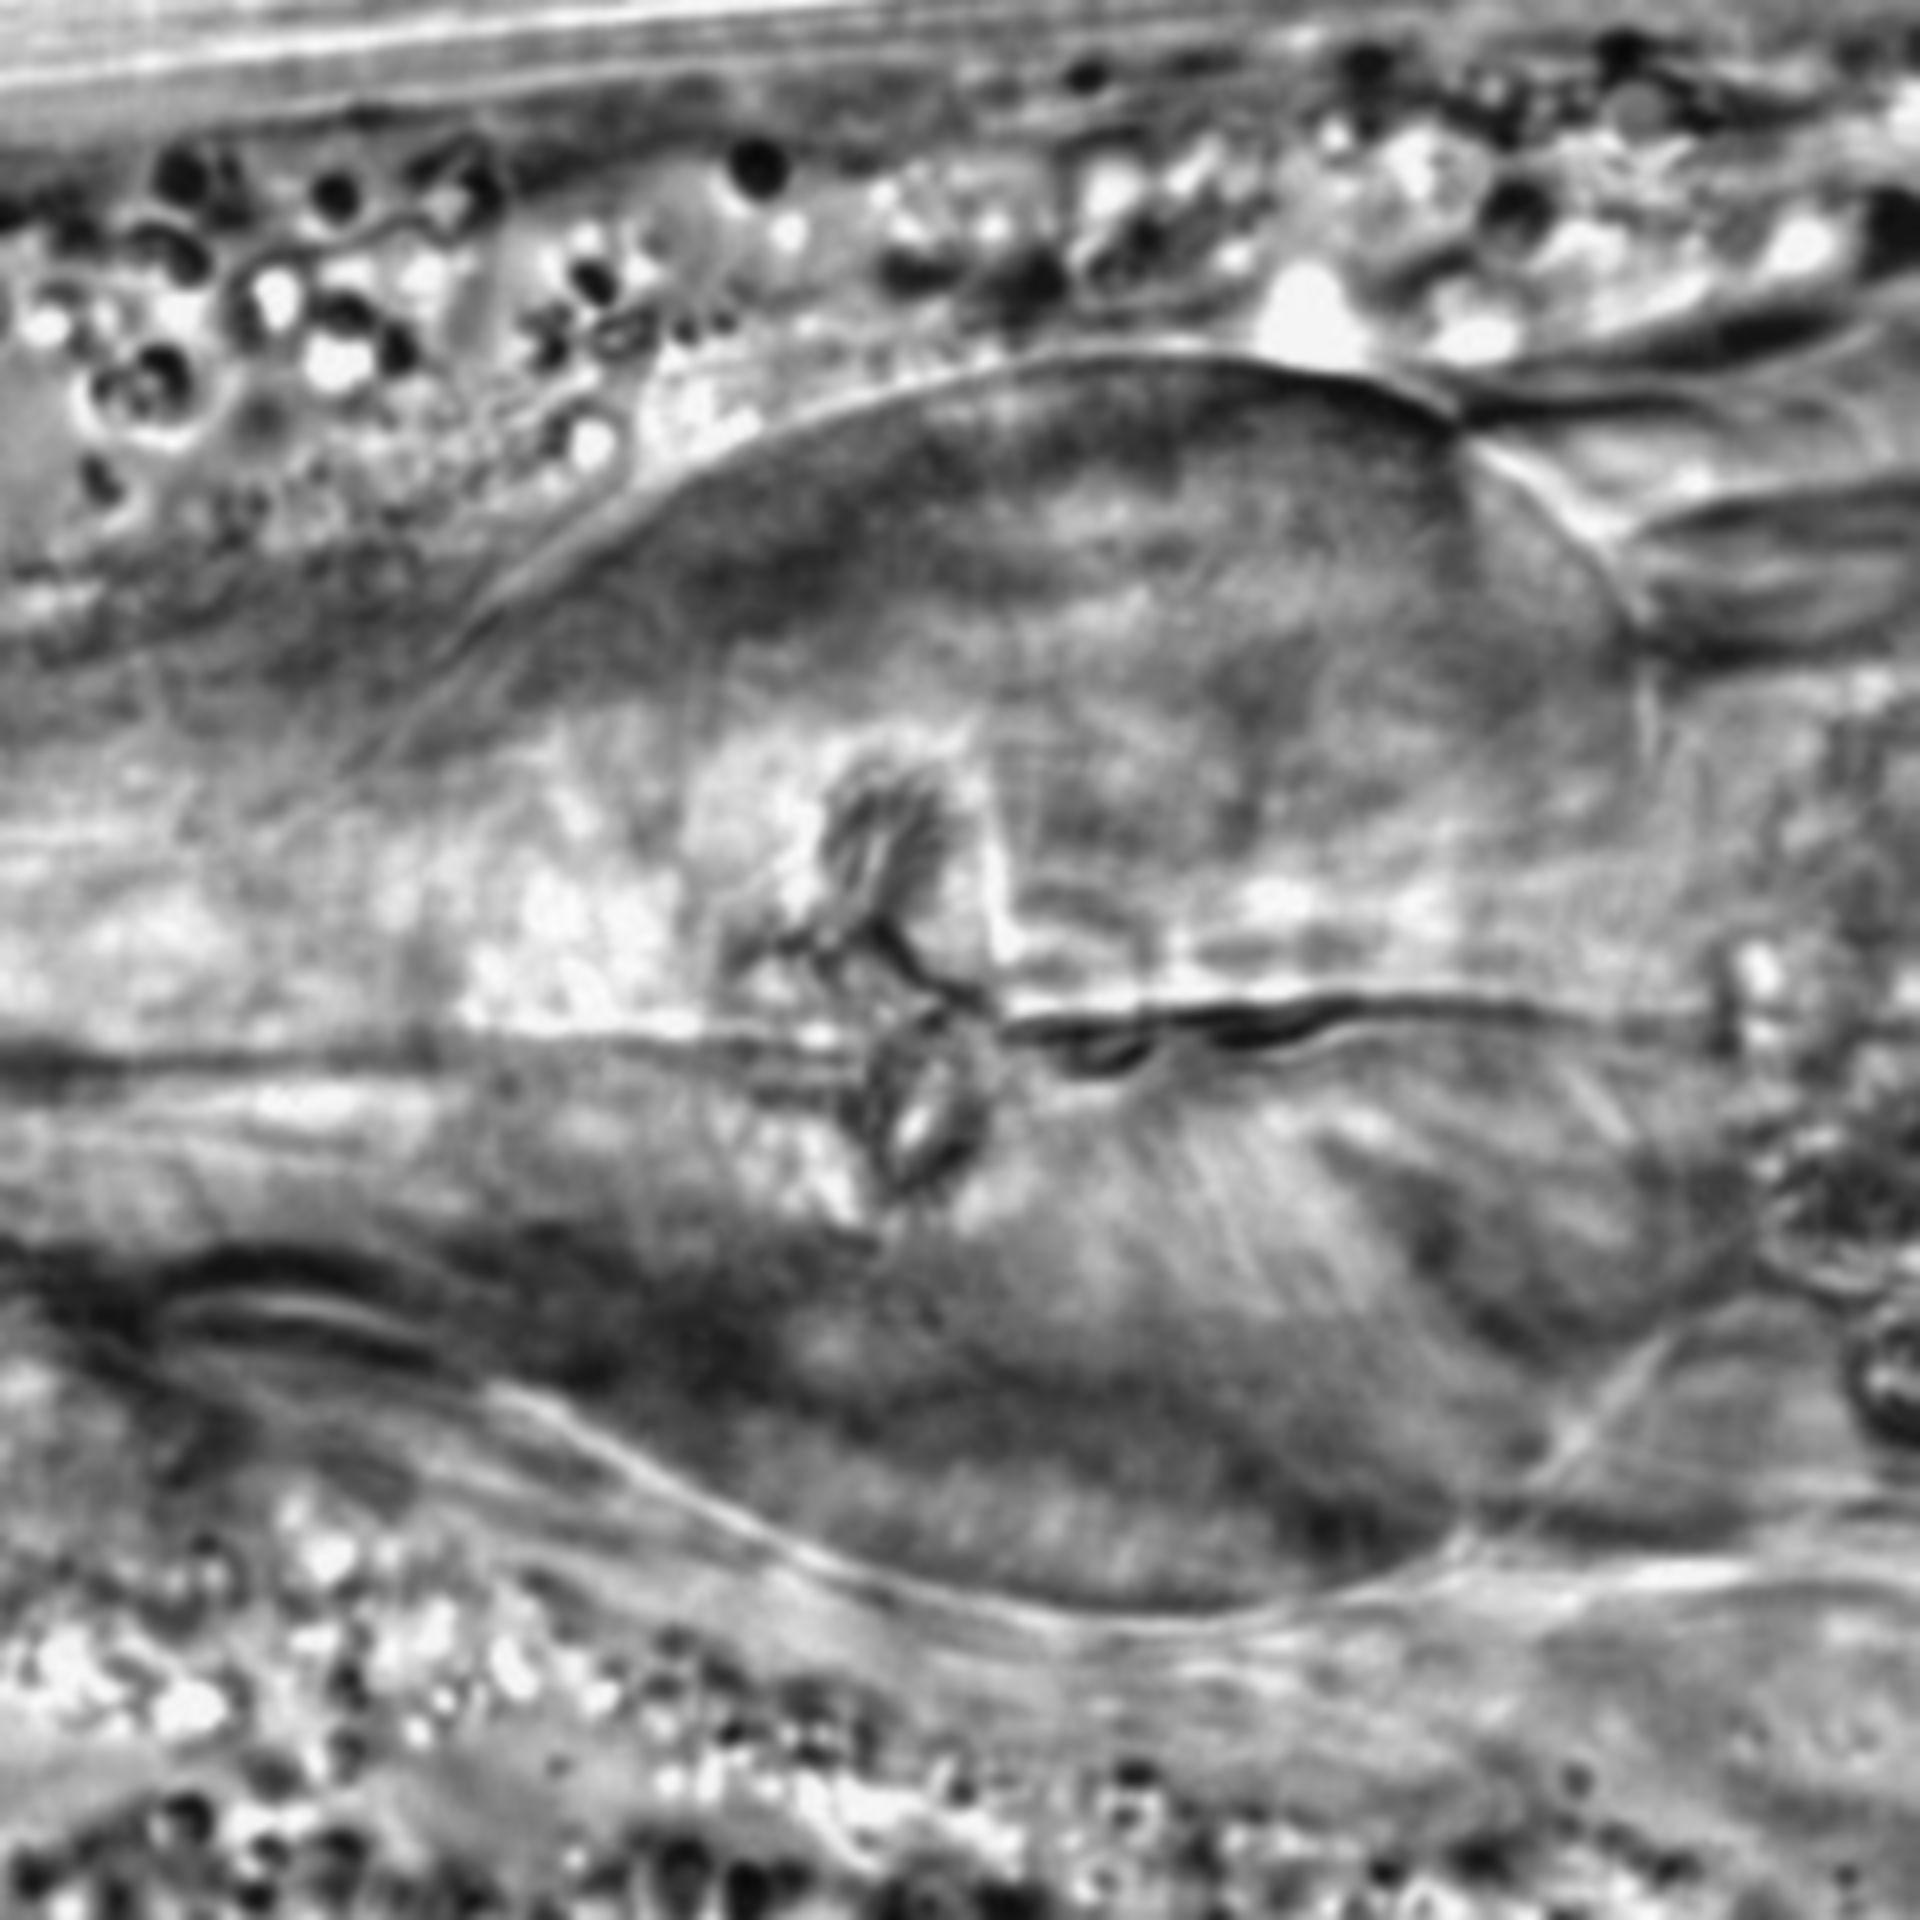 Caenorhabditis elegans - CIL:1793